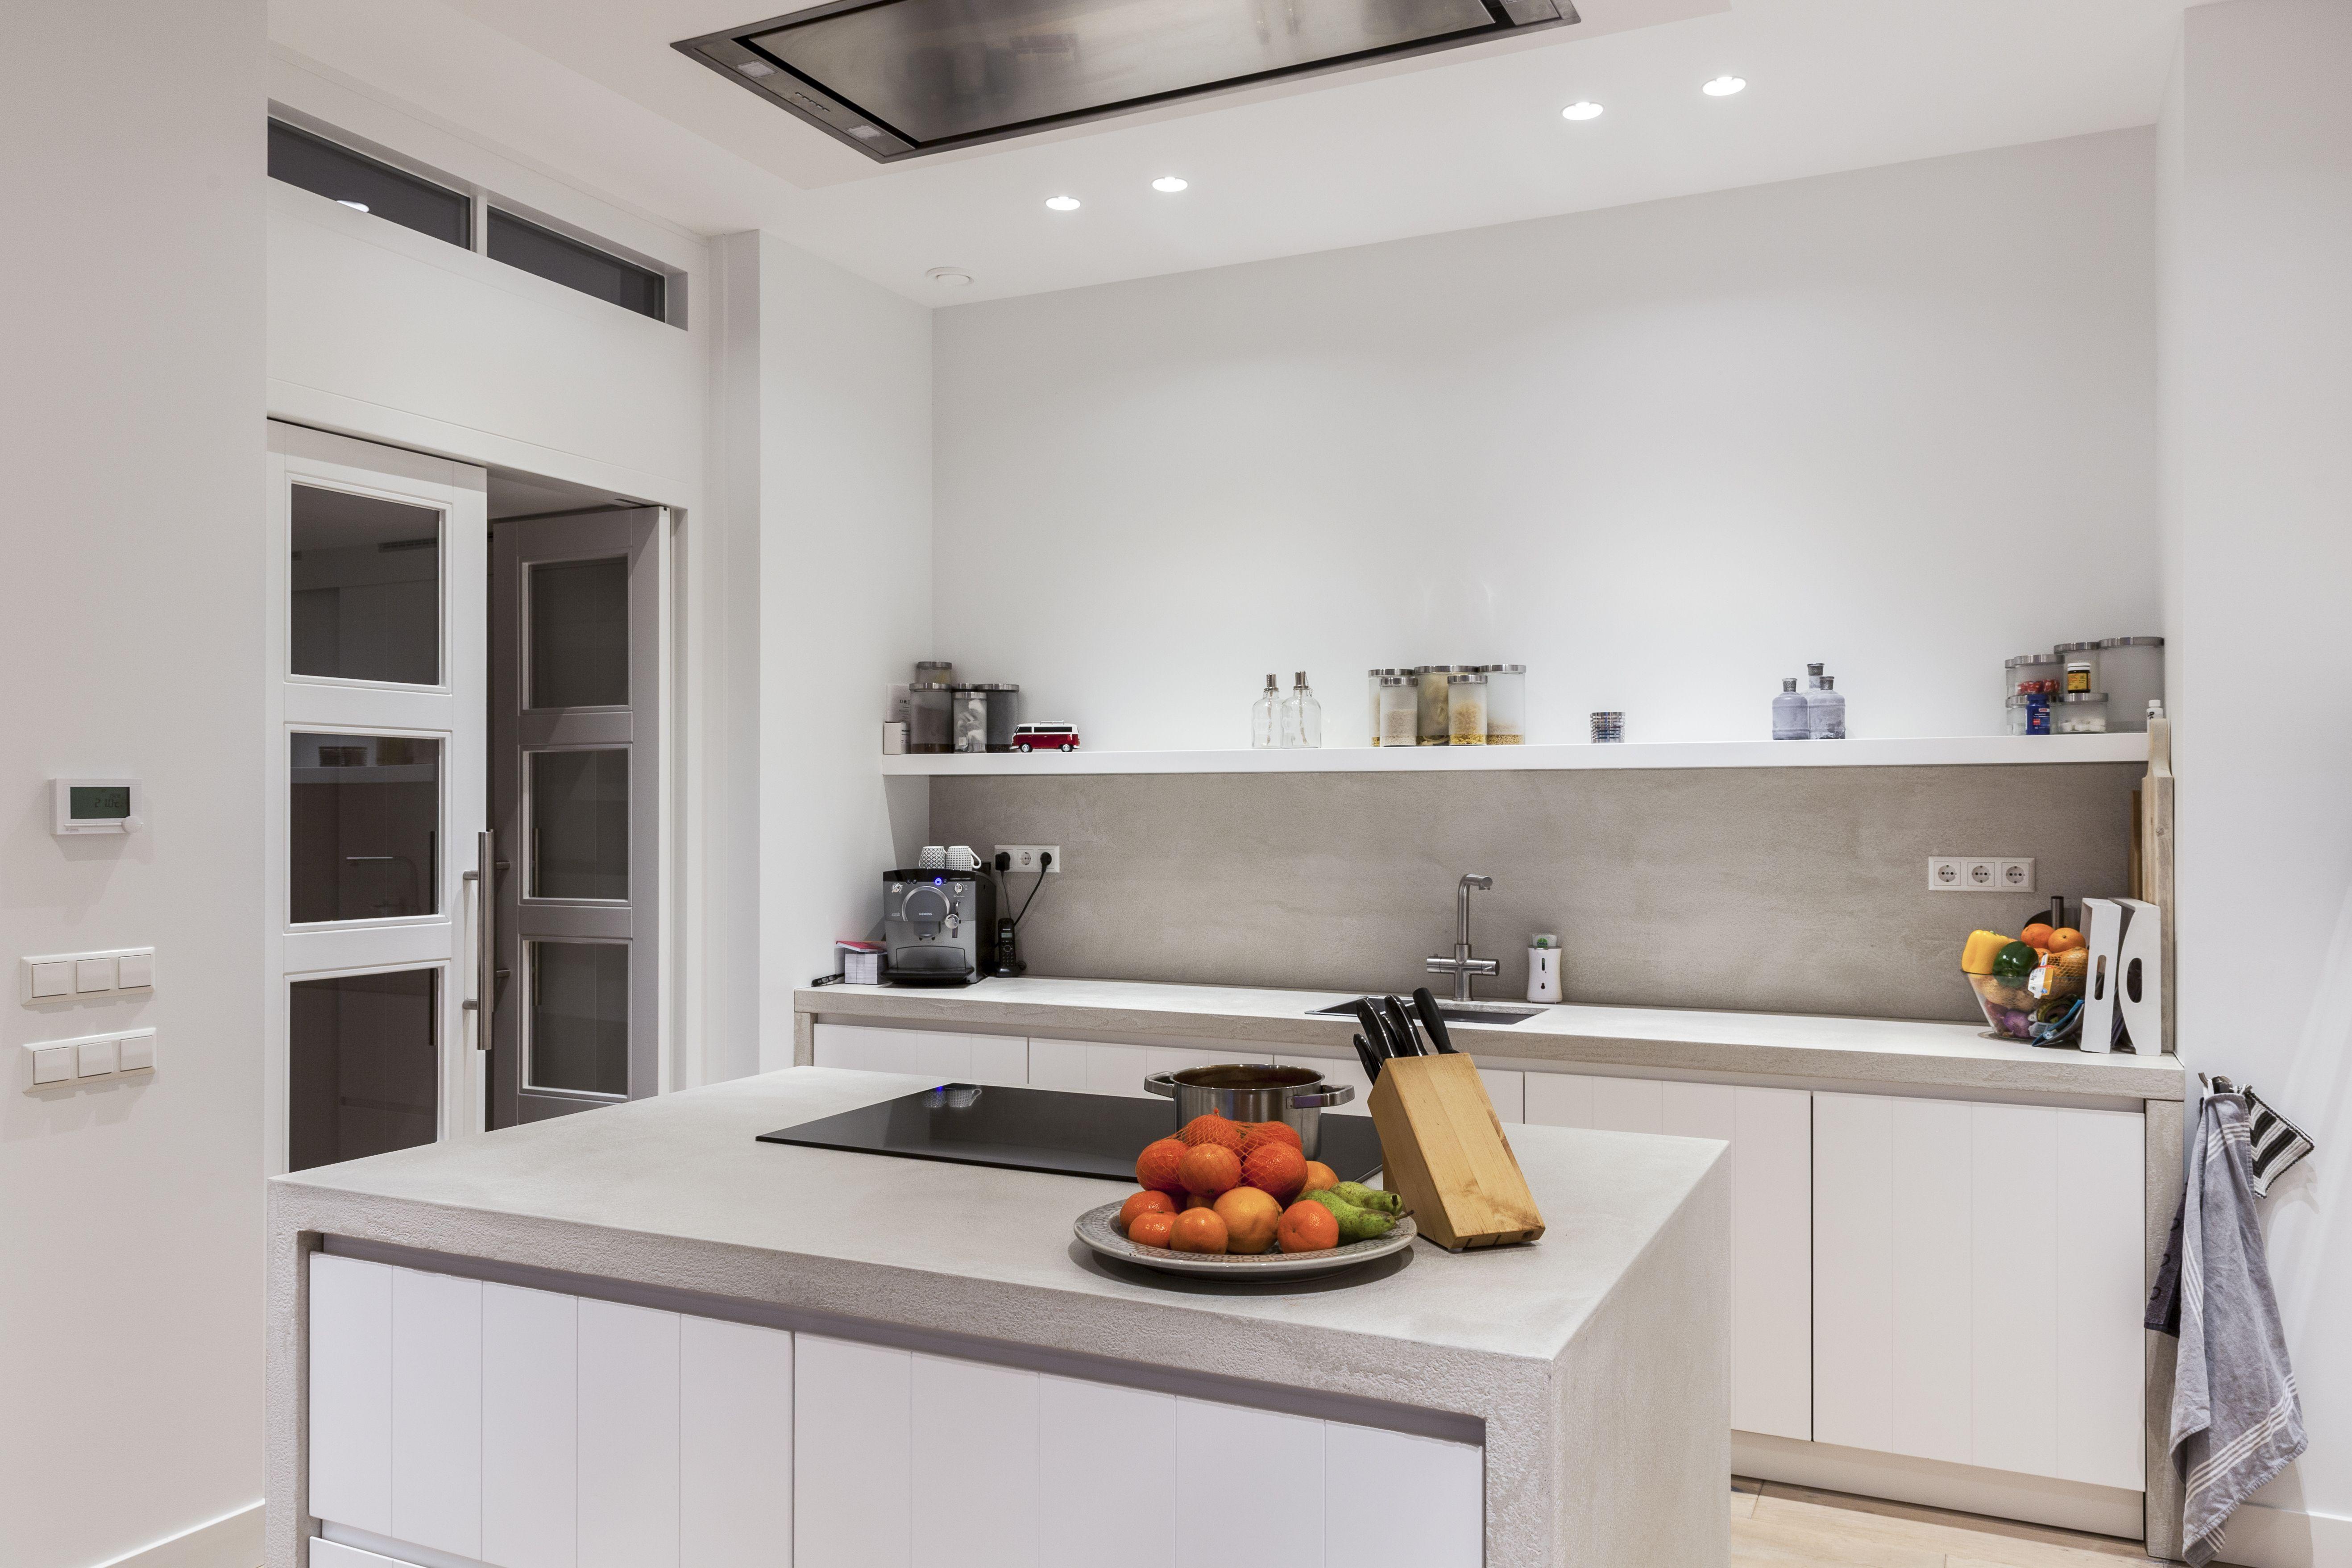 Moderne keuken met rough concrete keukenblad deze moderne keuken